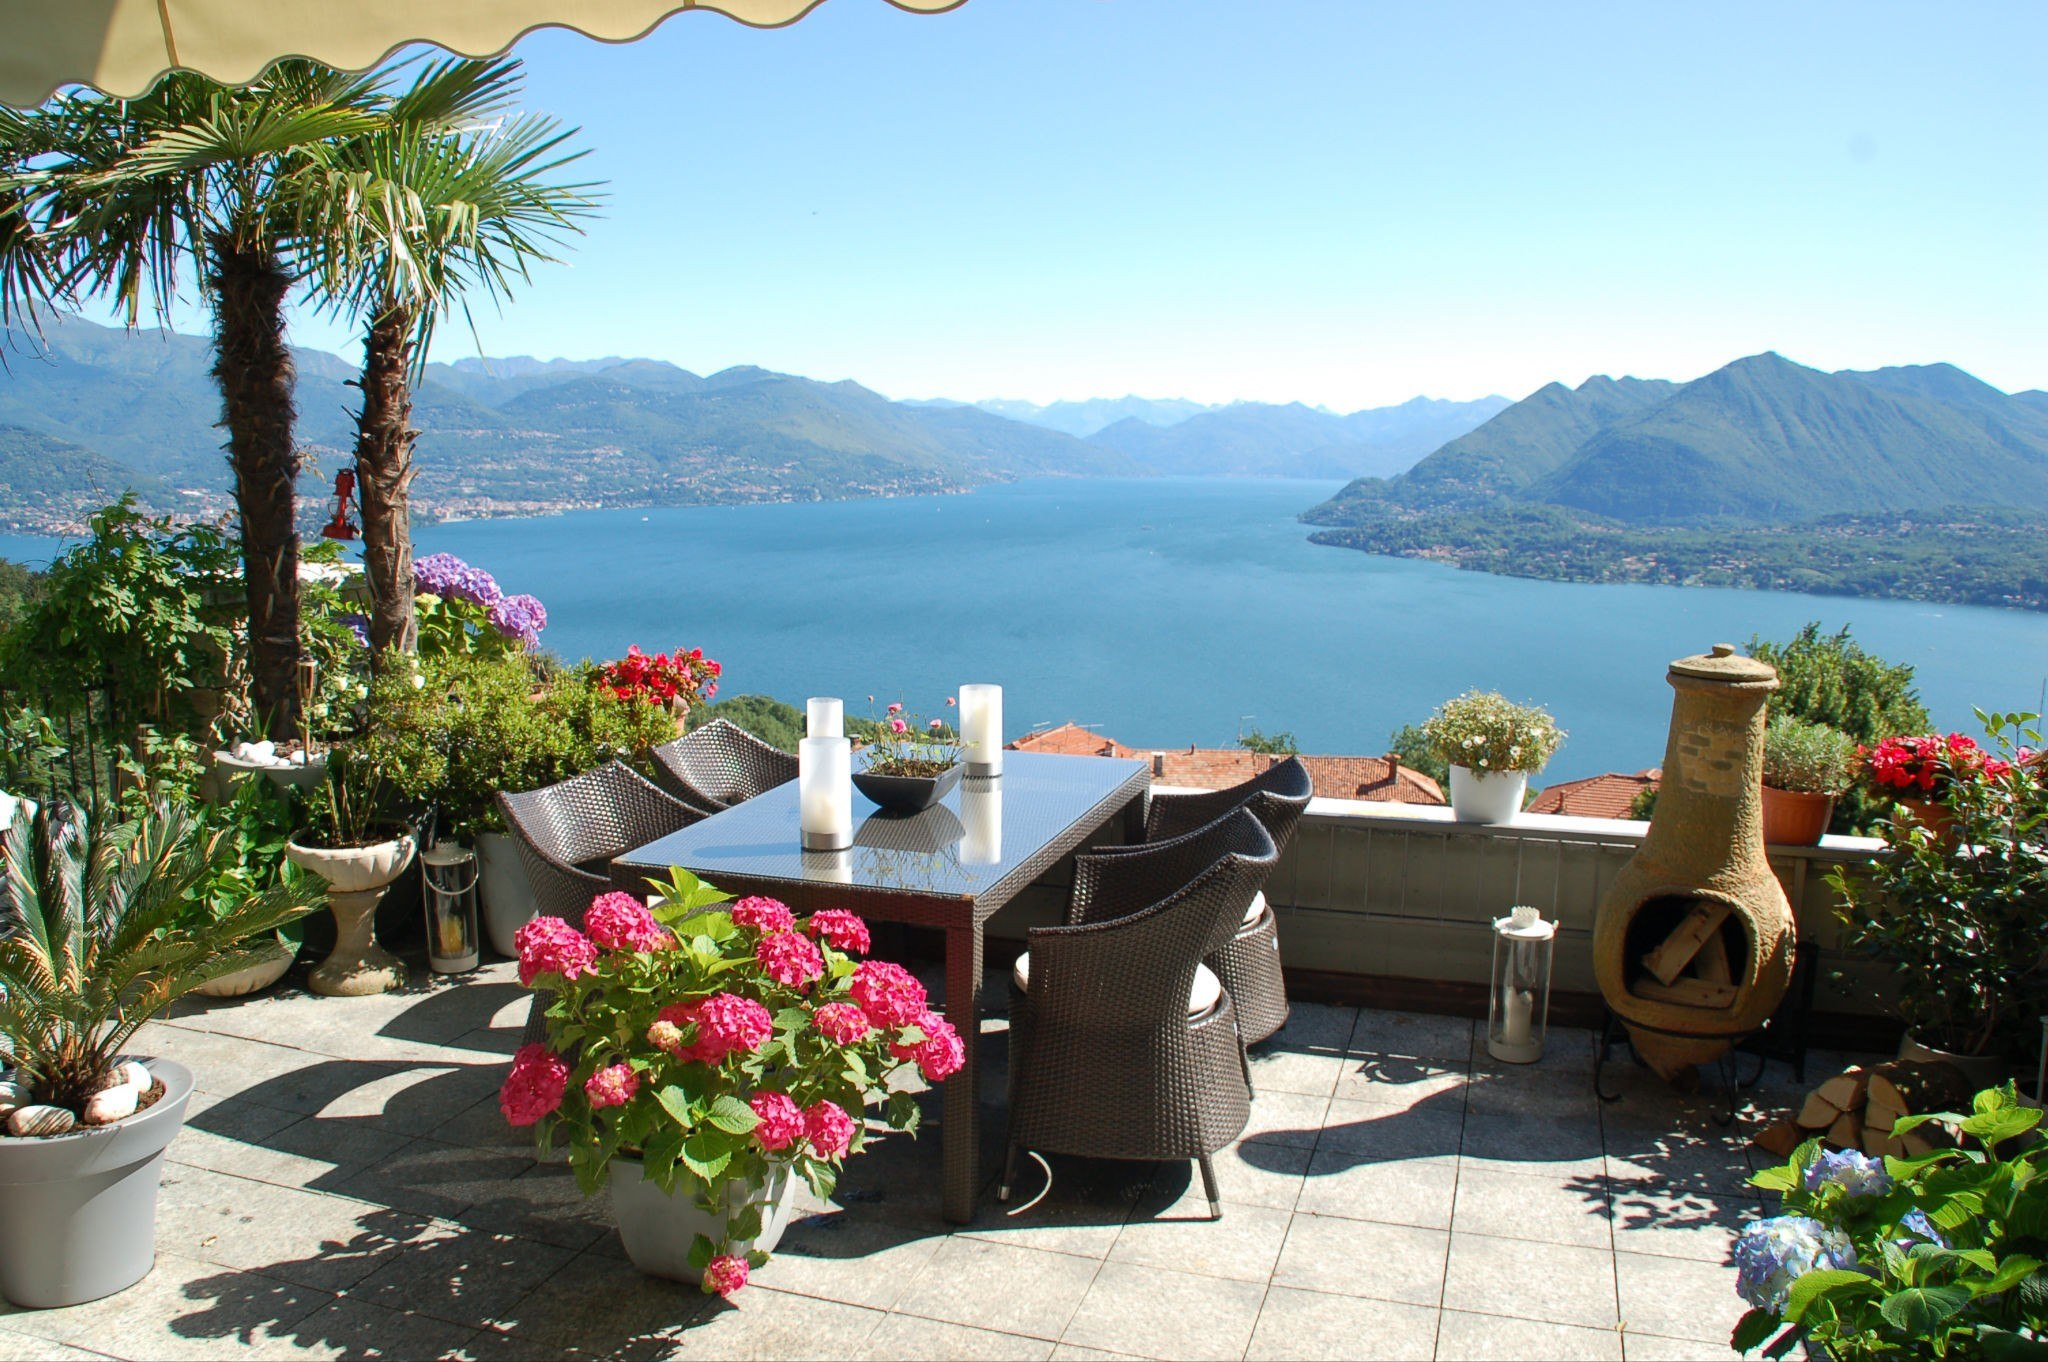 Купить дом с видом на озеро за границей